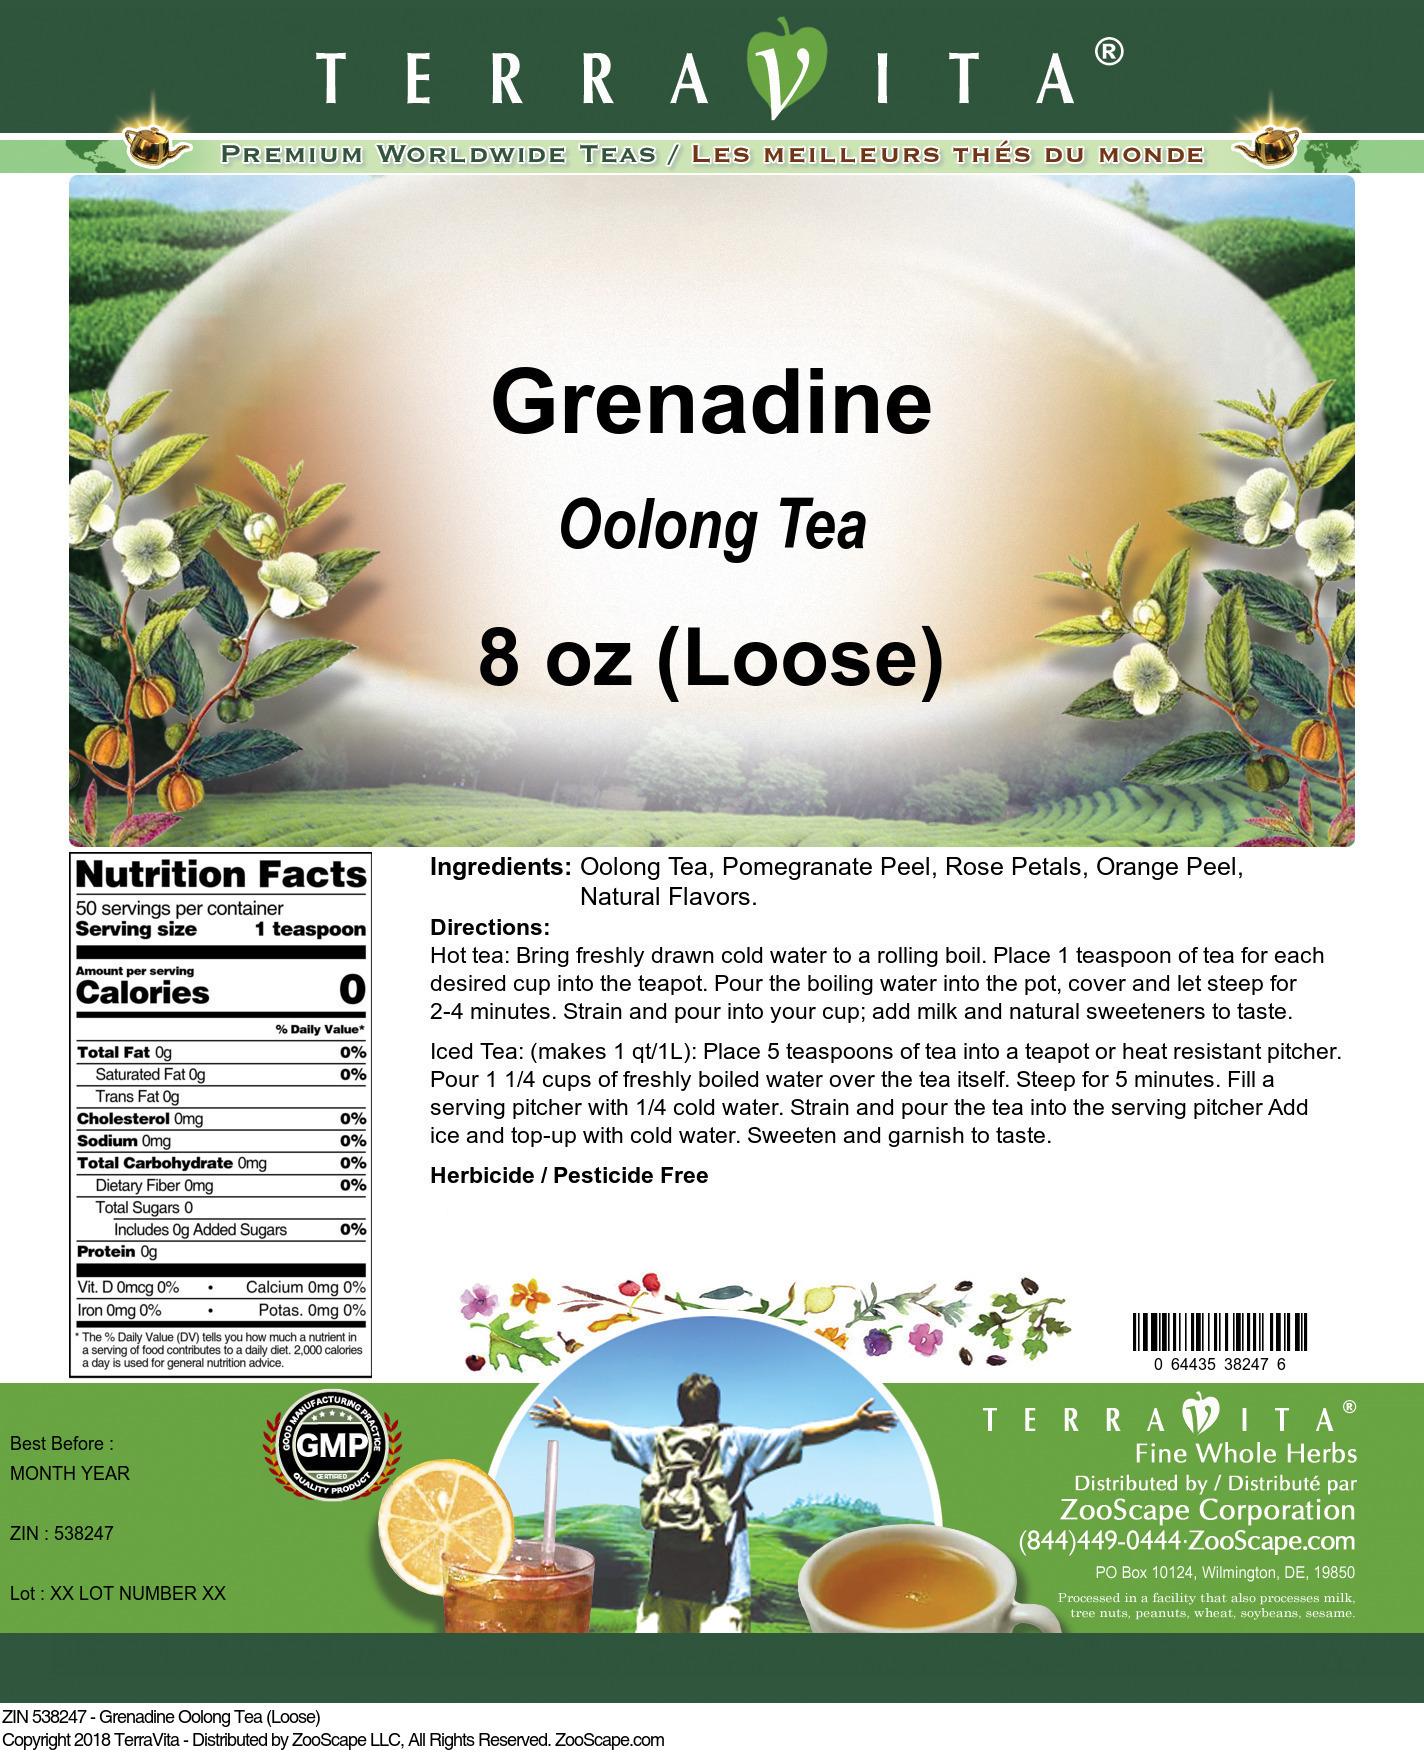 Grenadine Oolong Tea